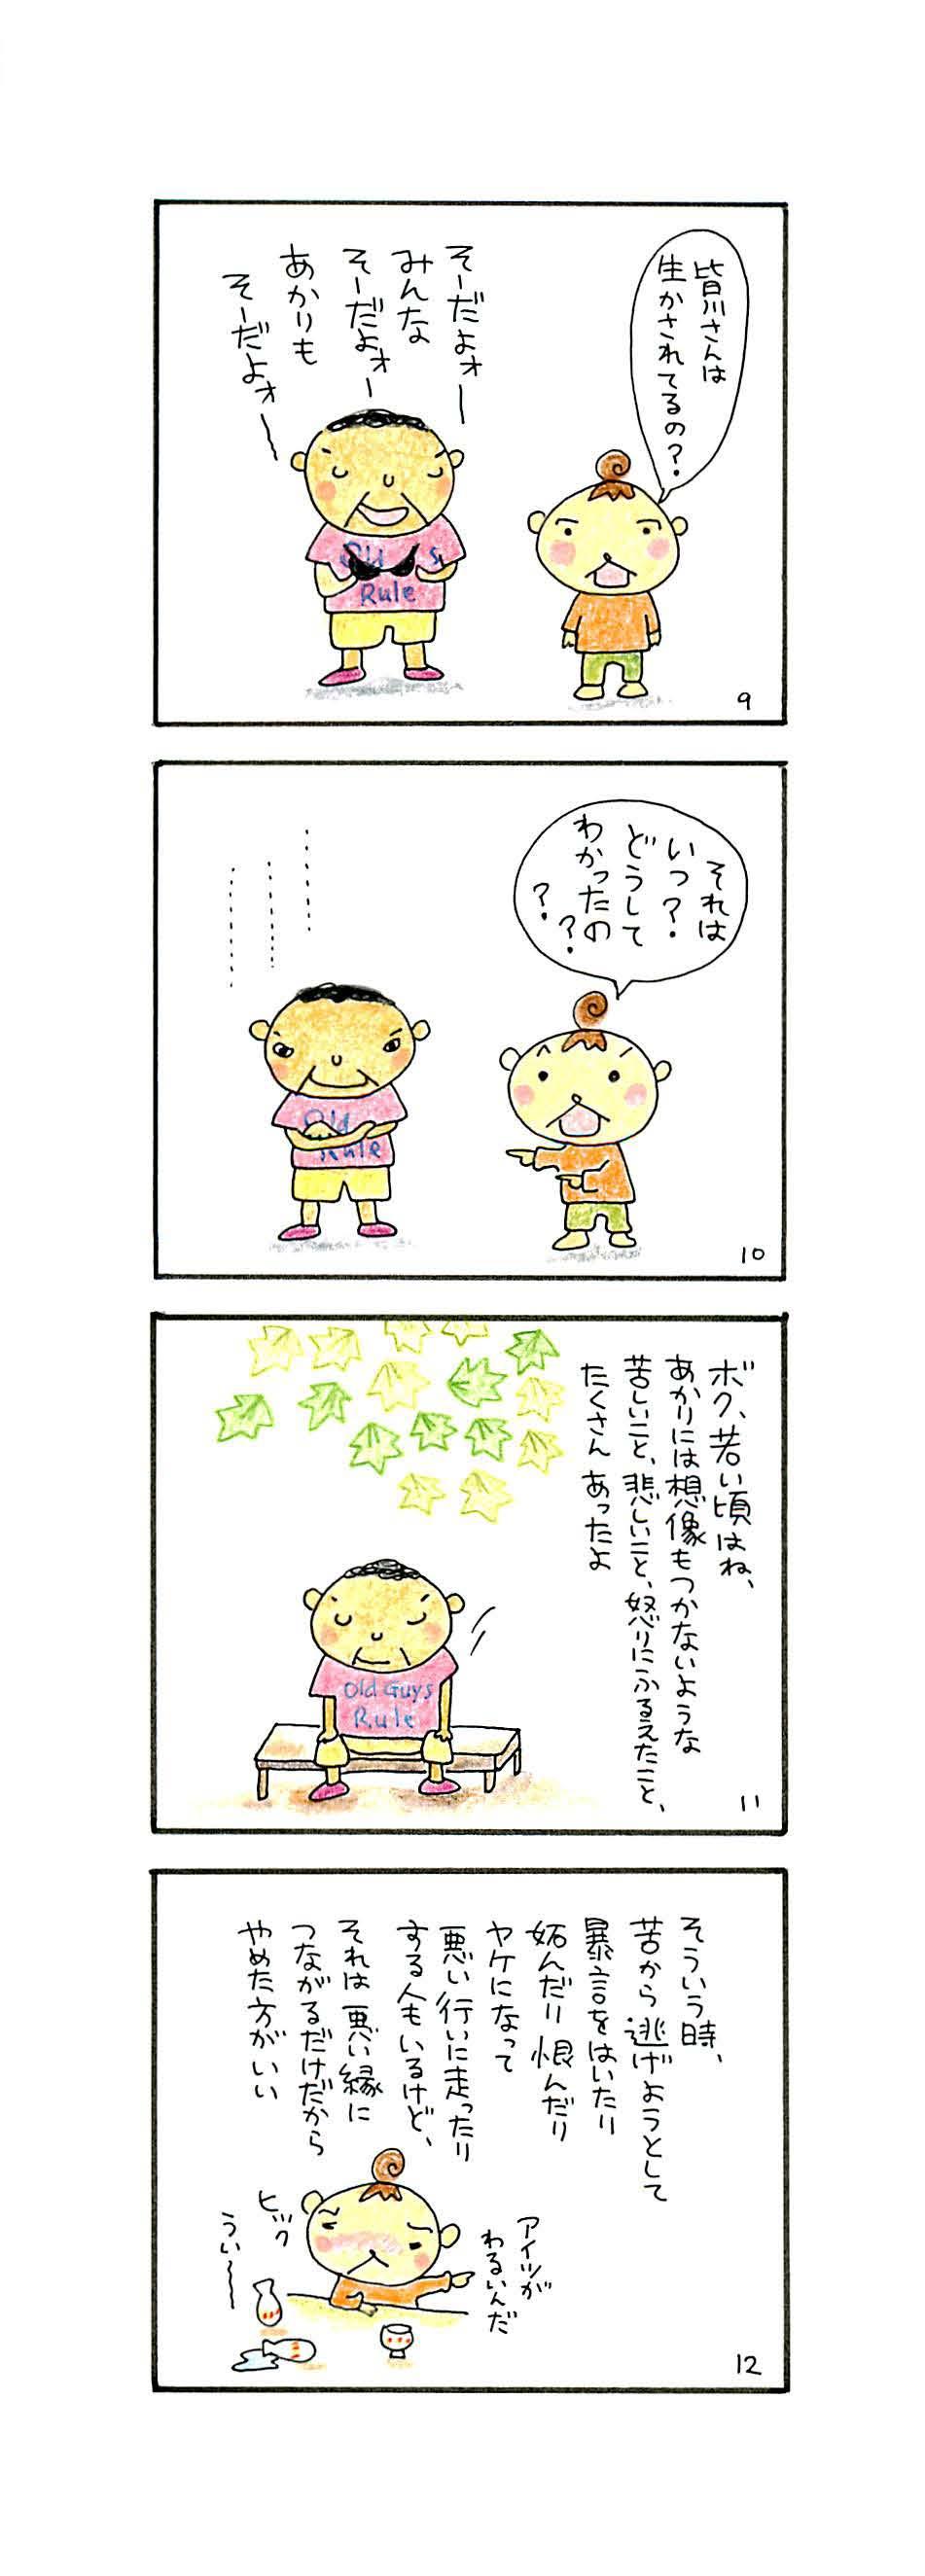 薫明 歓宿縁_ページ_4